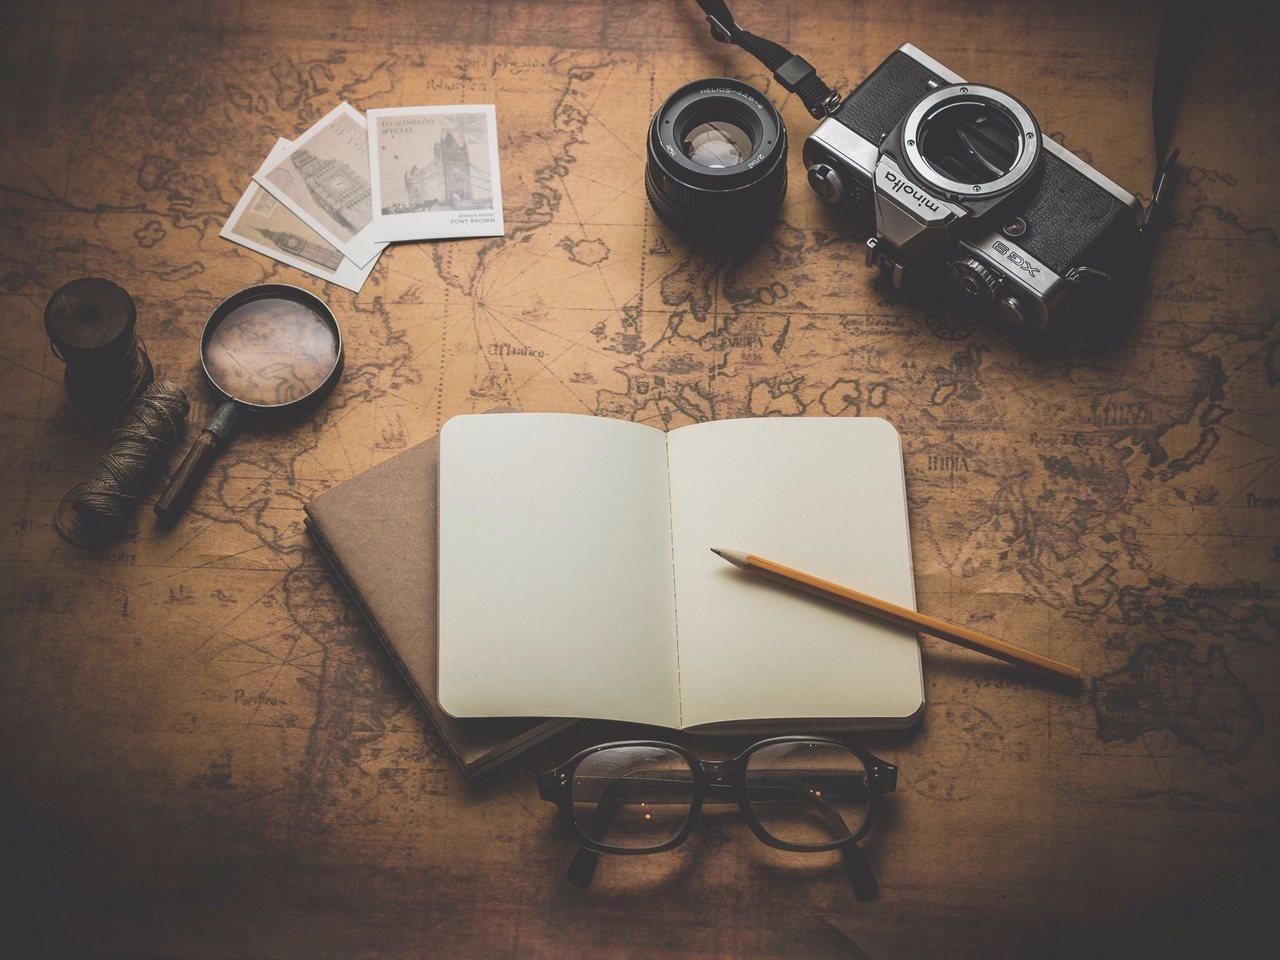 如果「不用考慮預算」的話,你最想去的夢想旅遊地在哪?